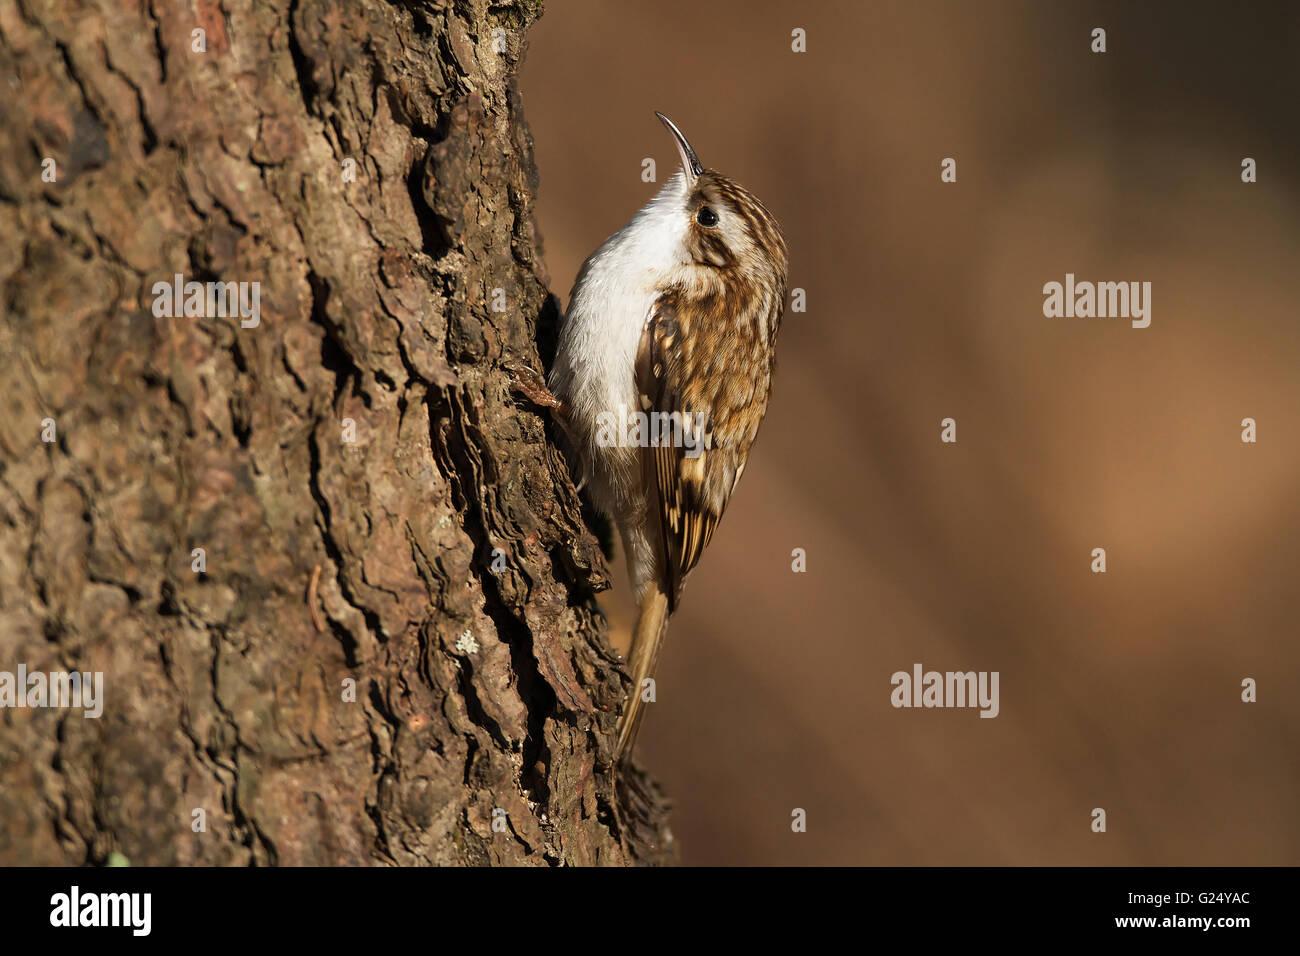 Short-toed Treecreeper - Stock Image